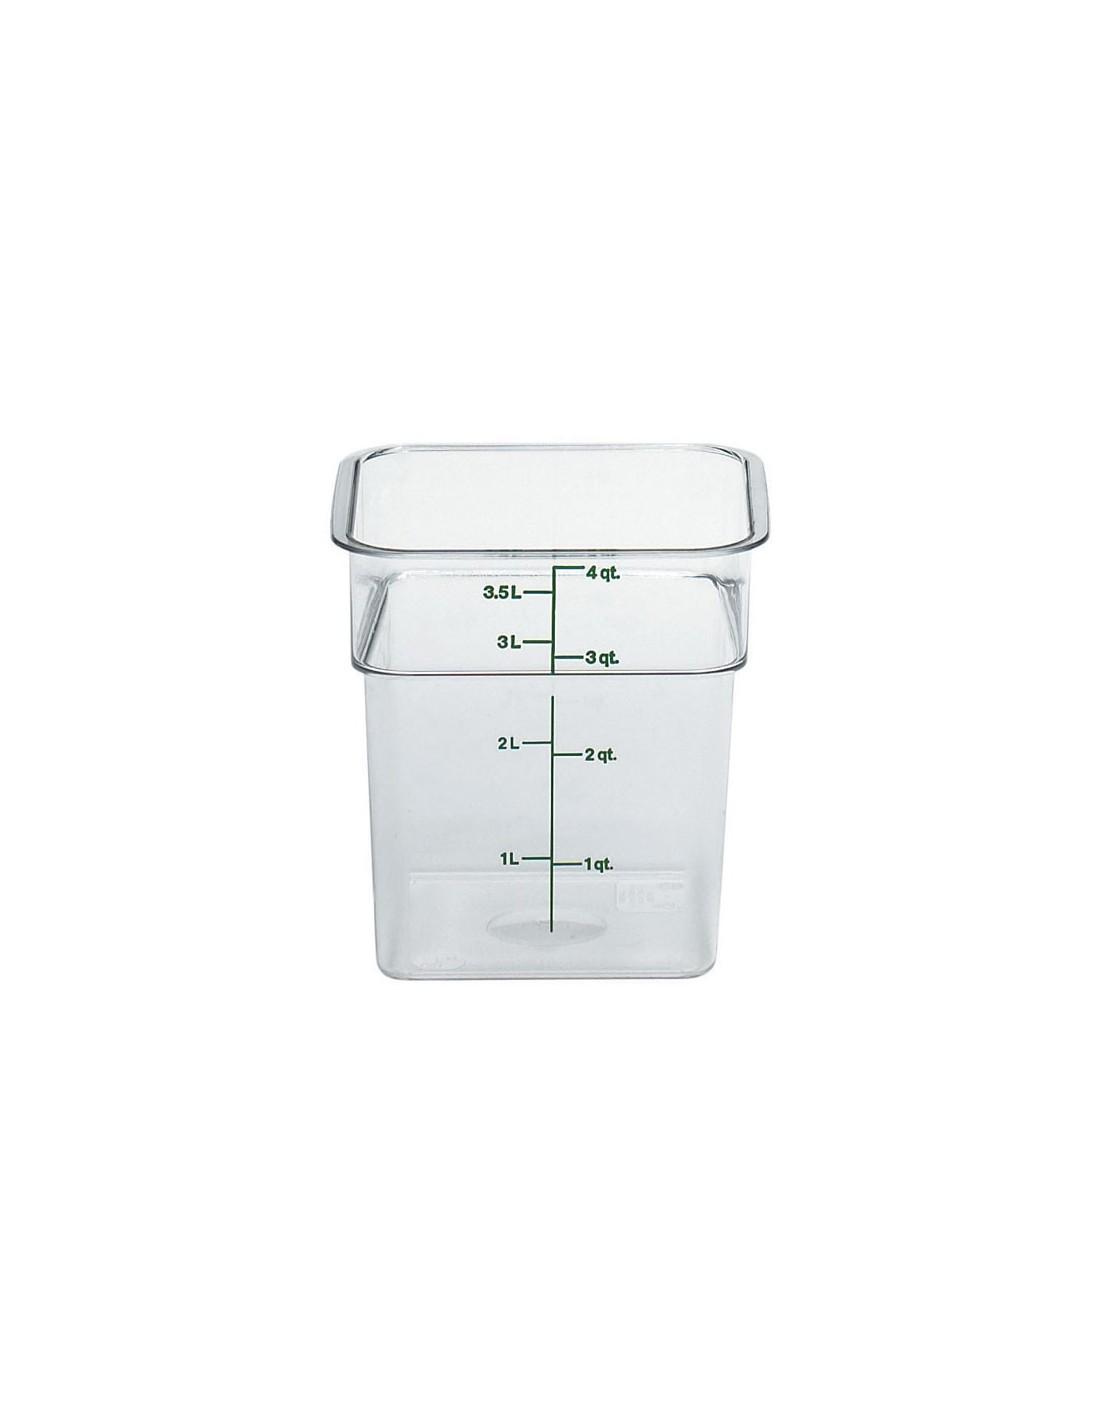 Recipiente cuadrado para almac n for Recipiente para utensilios de cocina